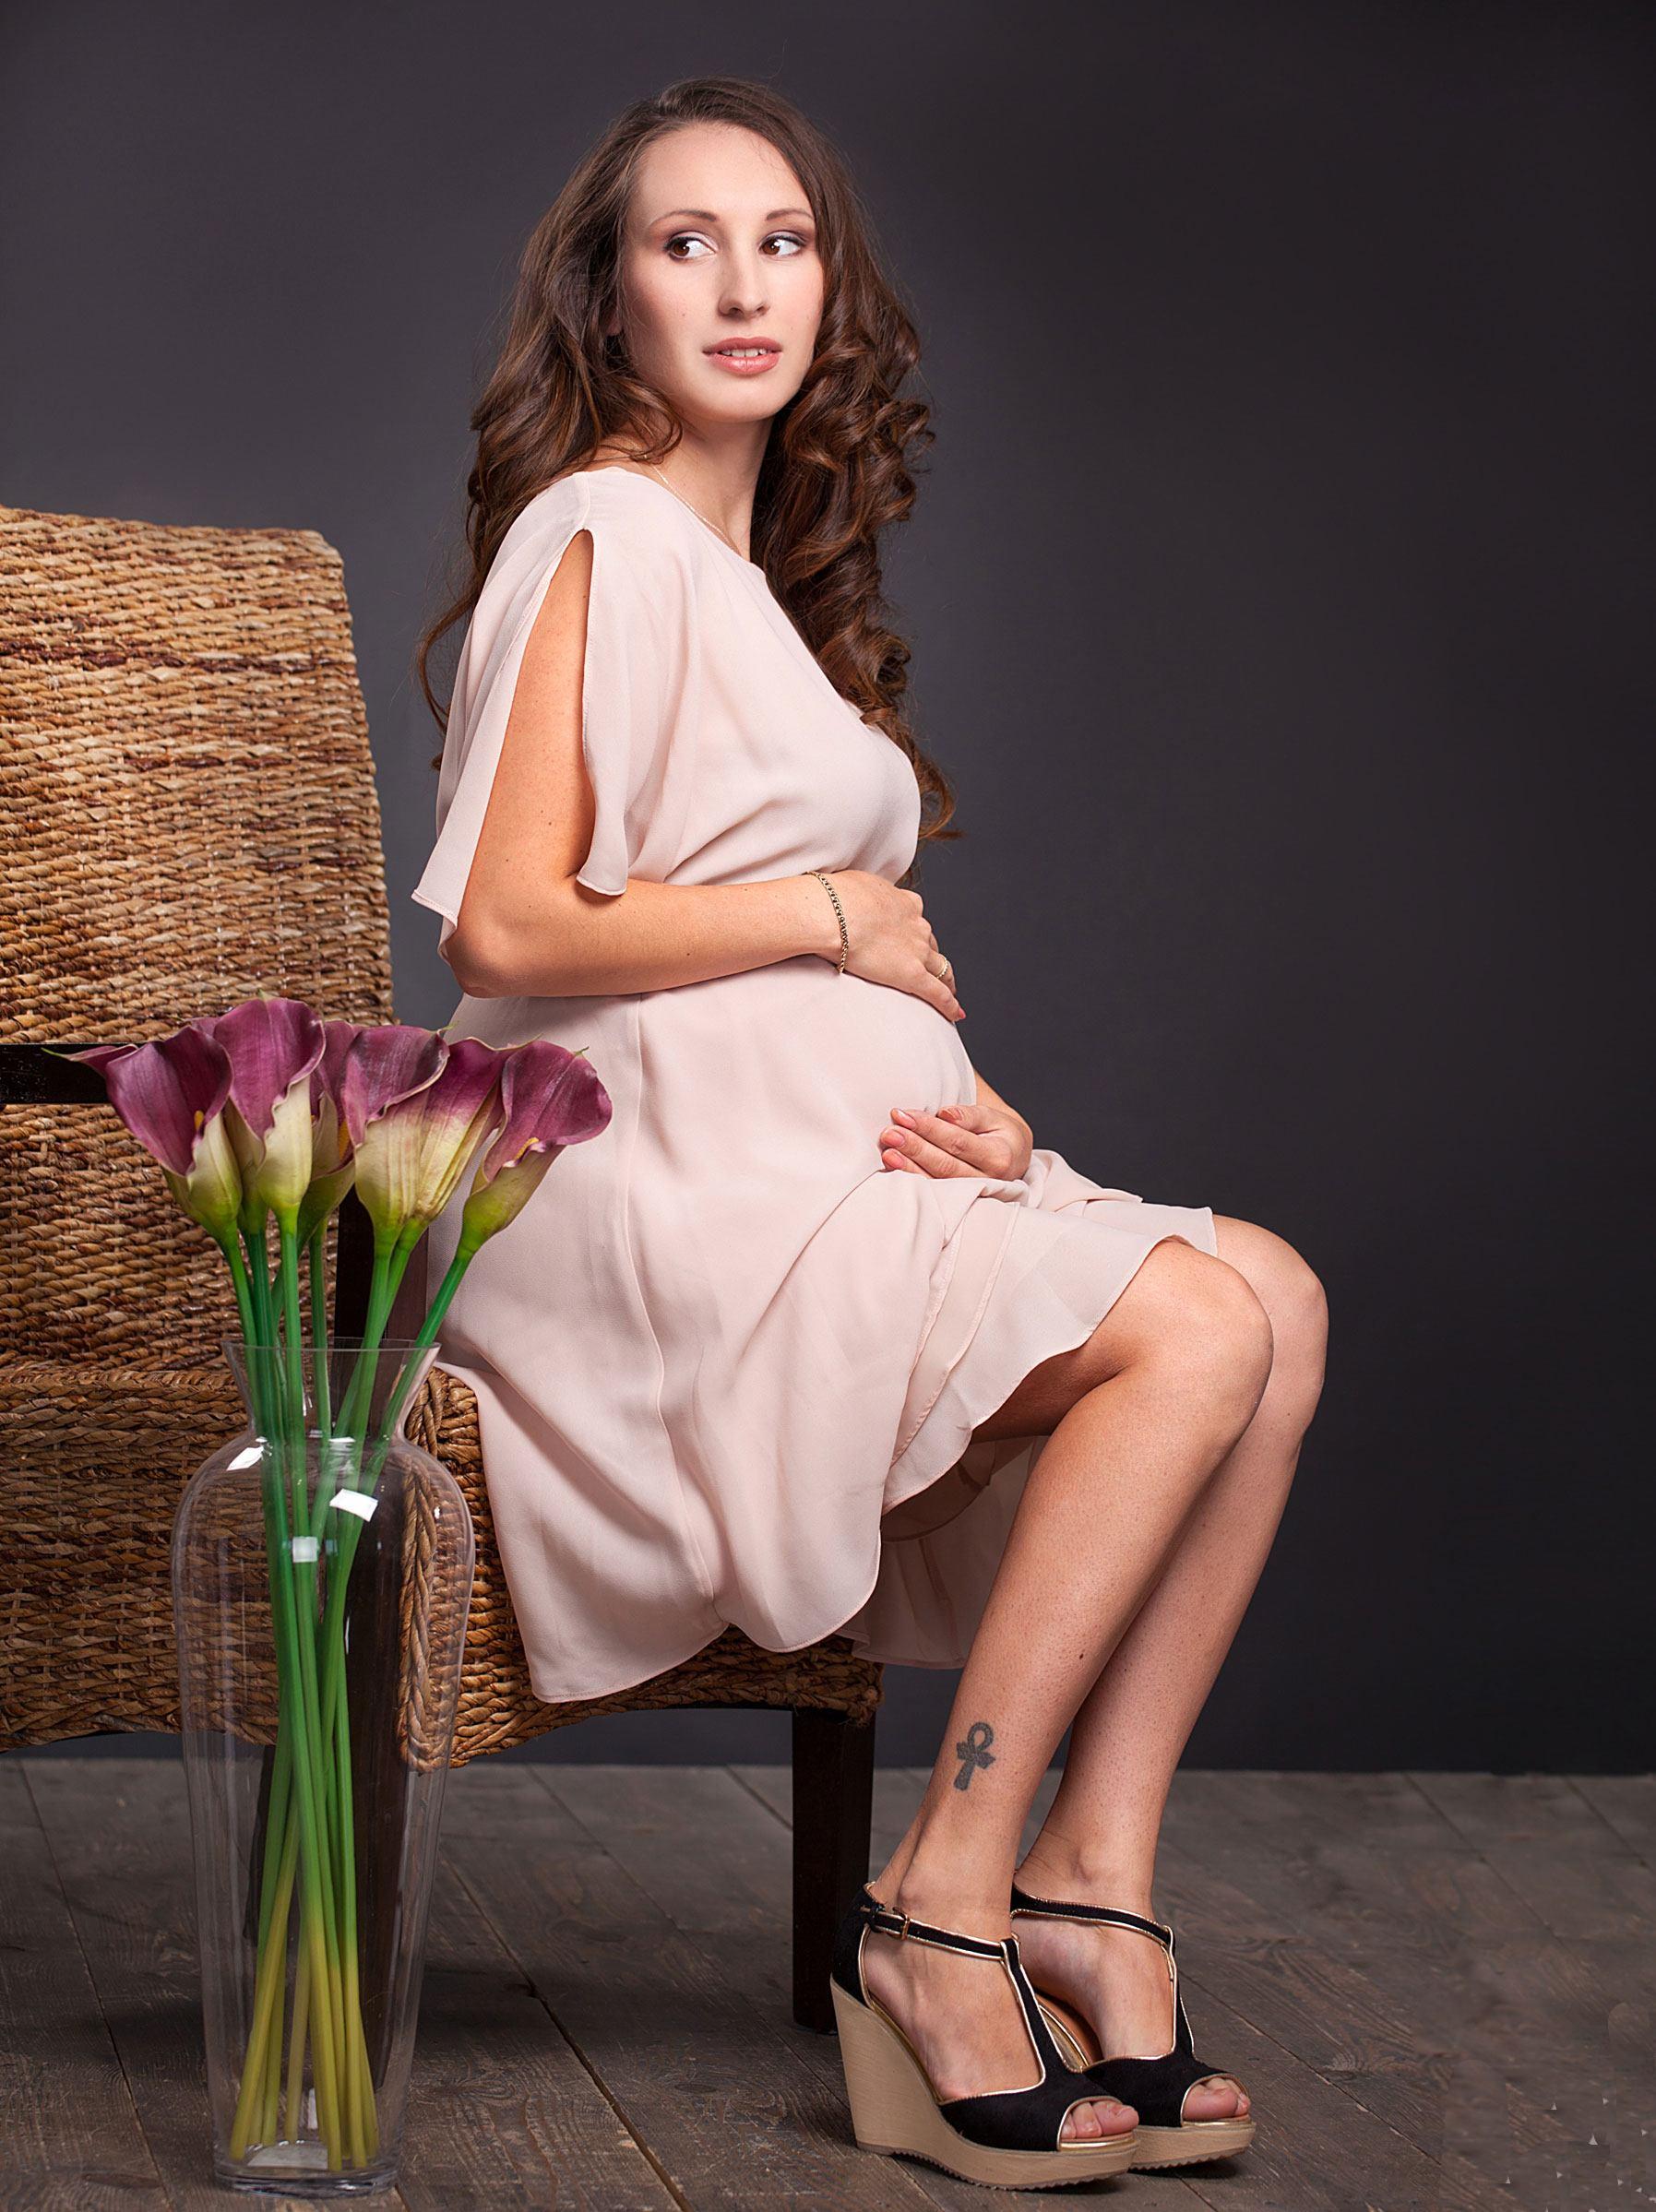 Беременная девушка фото в контакте